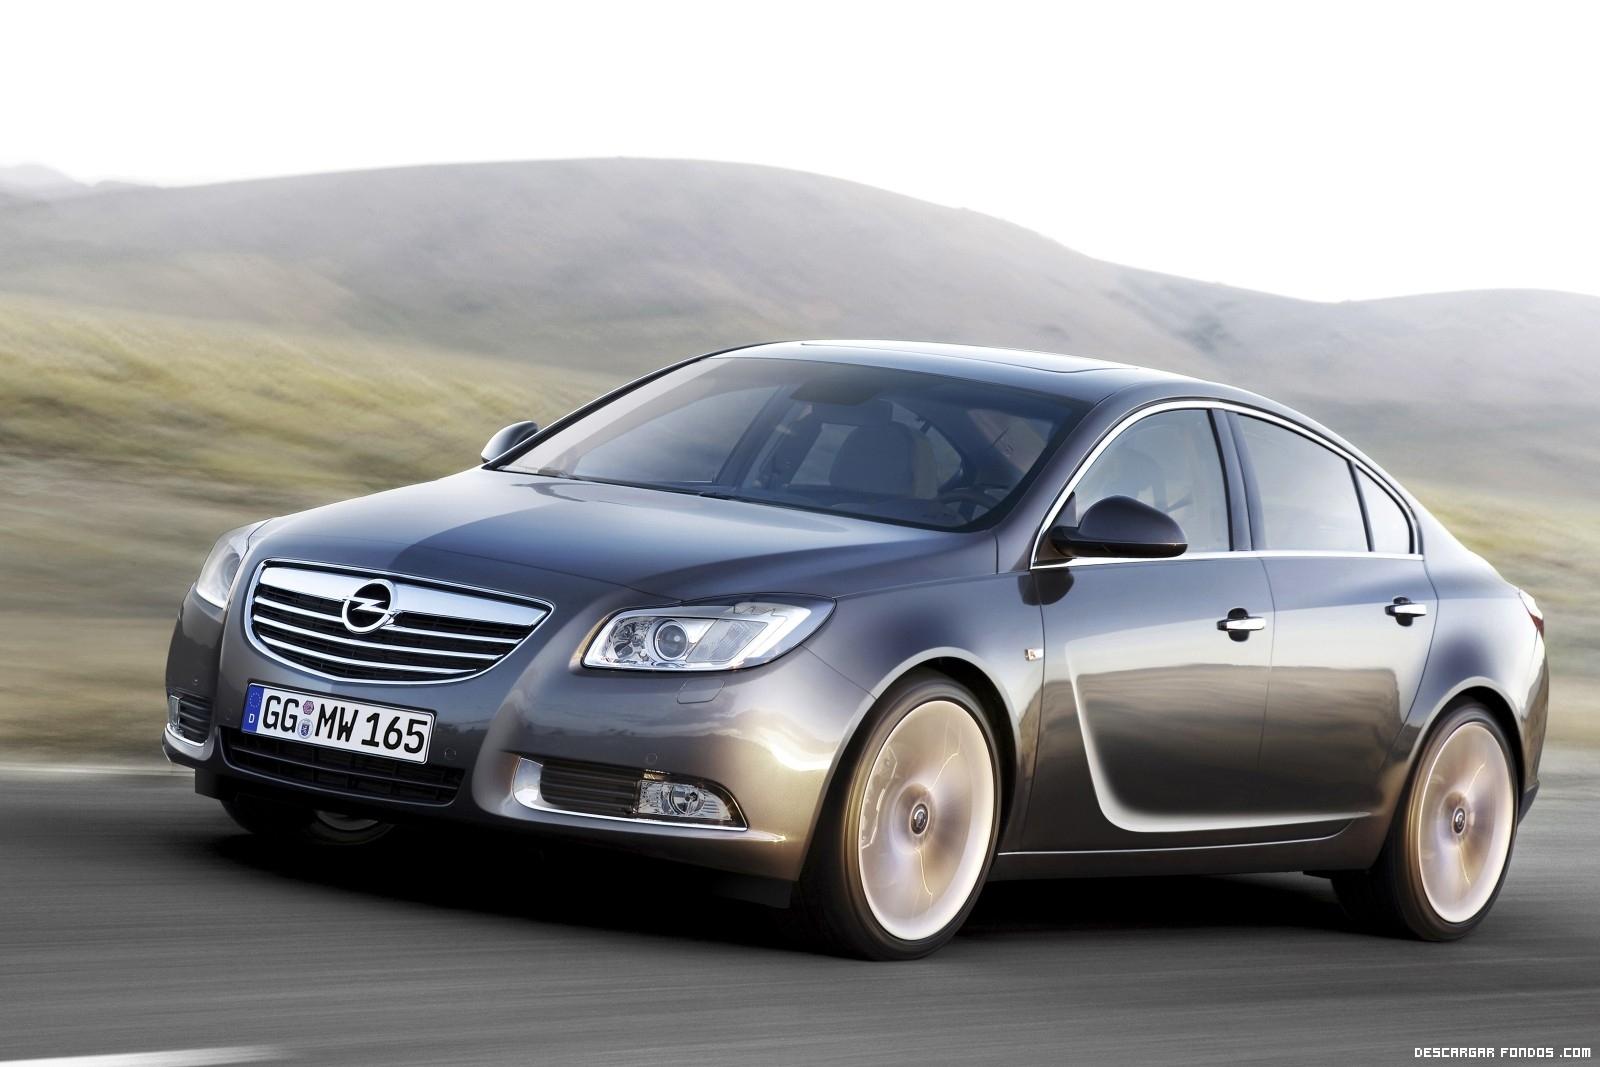 La elegancia del Opel Insignia